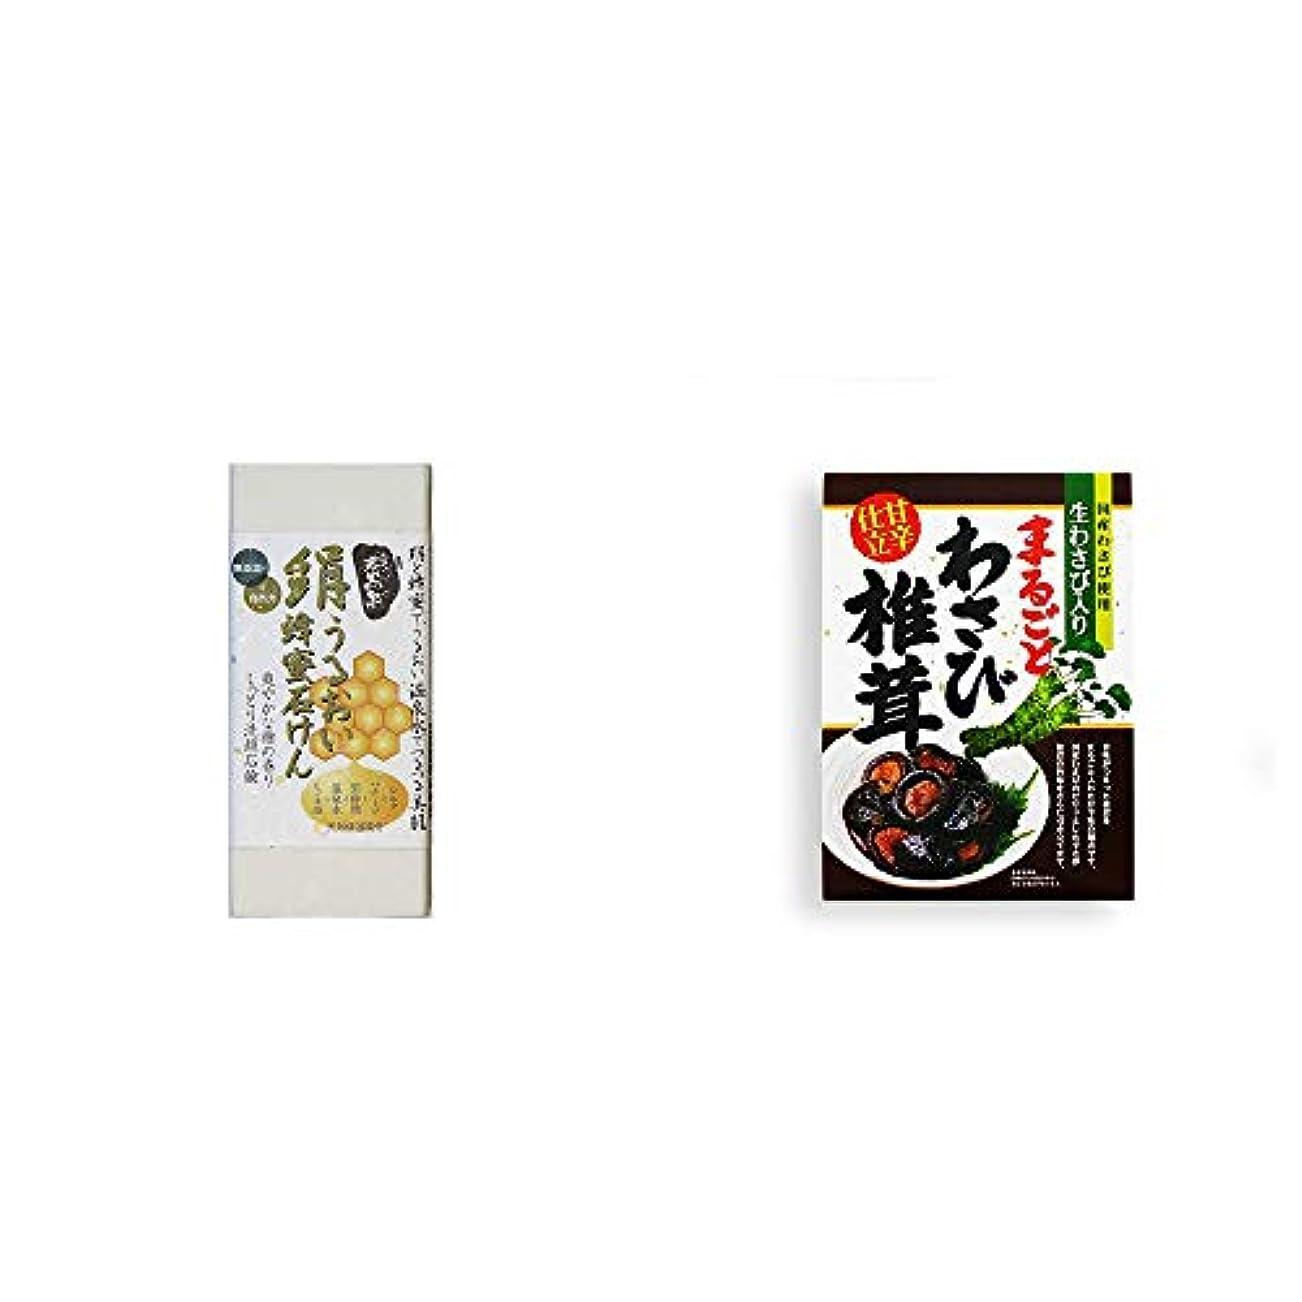 害虫回転粘液[2点セット] ひのき炭黒泉 絹うるおい蜂蜜石けん(75g×2)?まるごとわさび椎茸(200g)